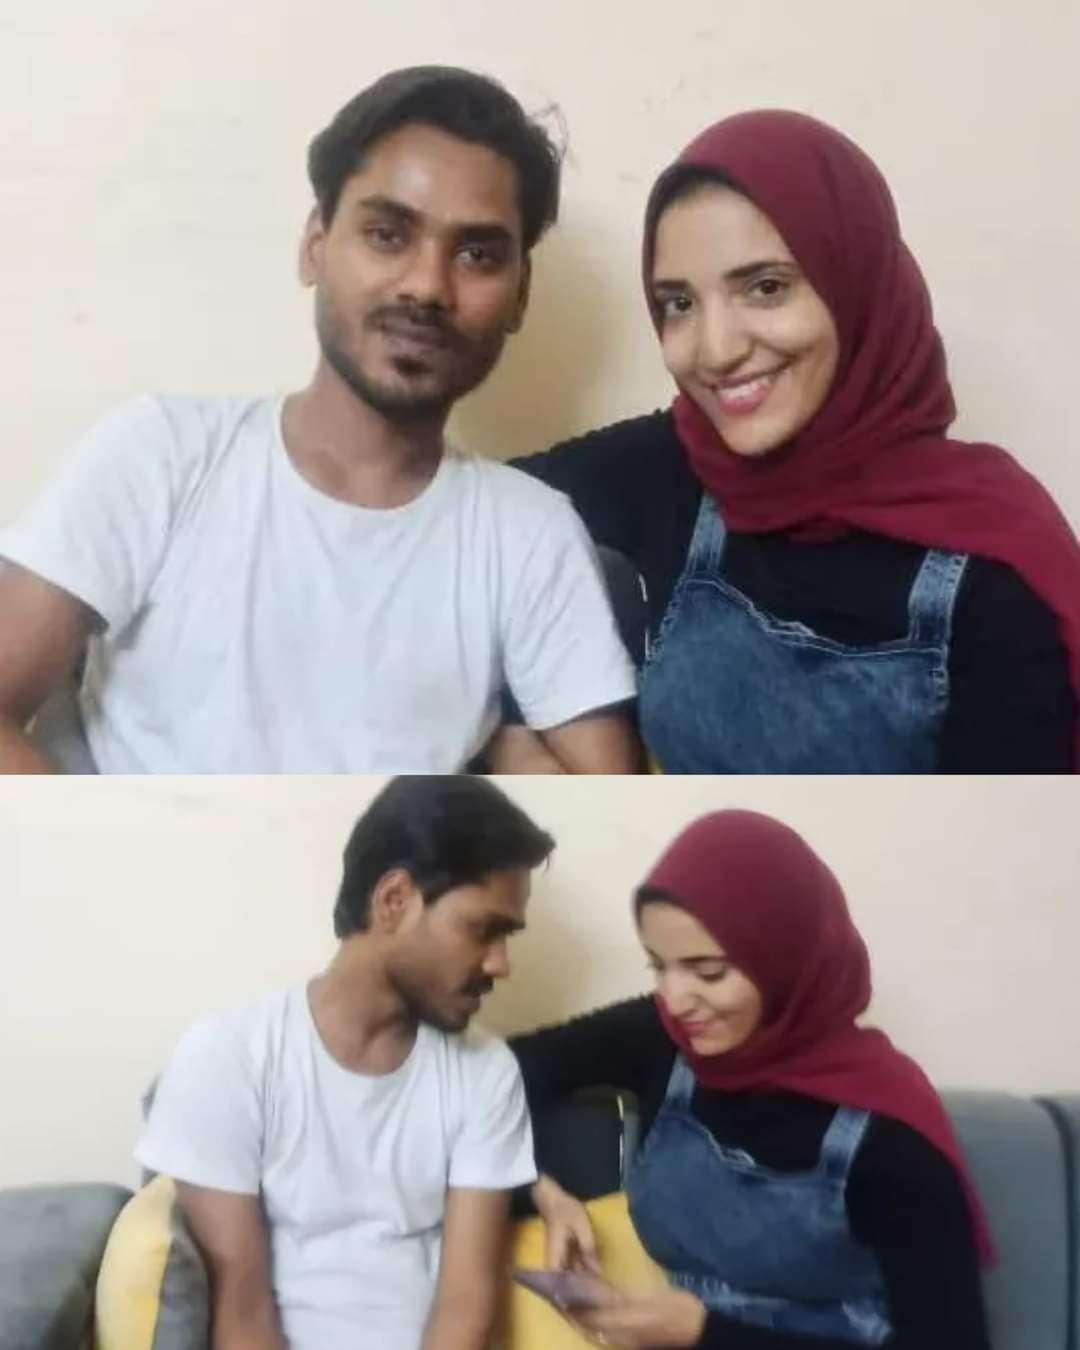 احتضنتها جدران جامعة الفيوم.. هندي يتزوج من فتاة مصرية بعد حب 4 سنوات